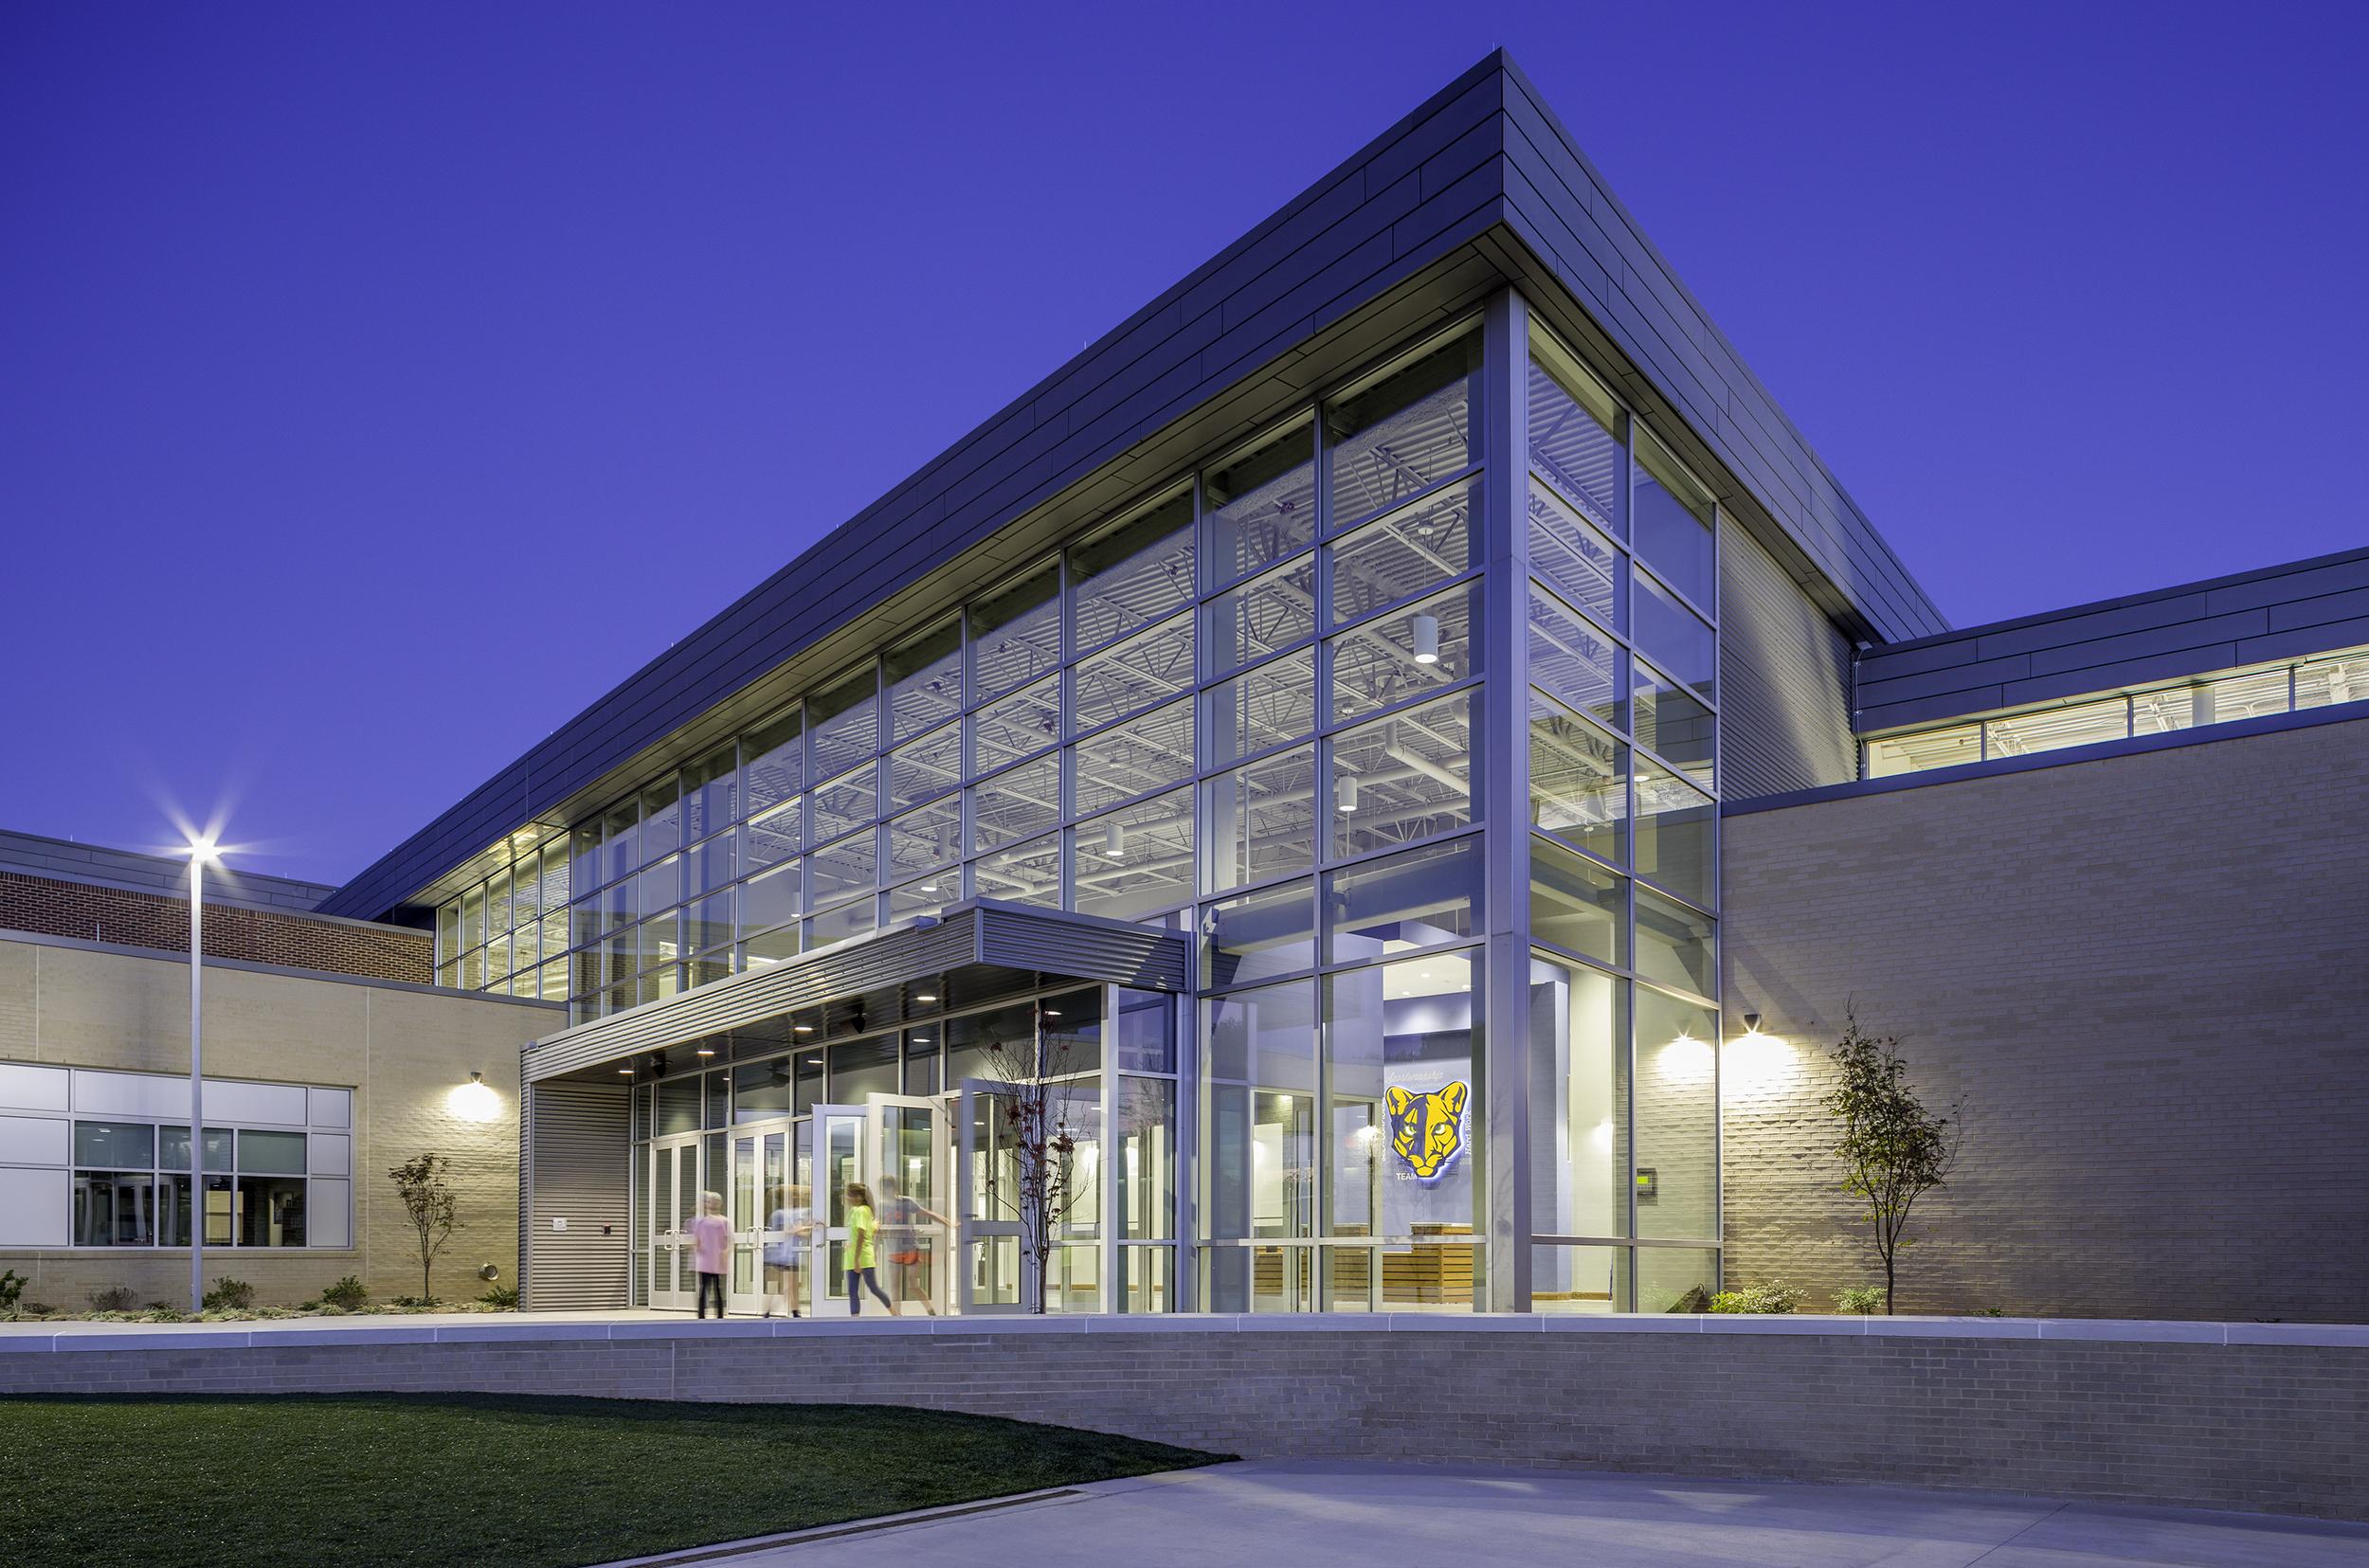 ADW-Faith-Based-K-12-Education-Carmel-Baptist-Church-Charlotte-NC-Exterior 1.jpg